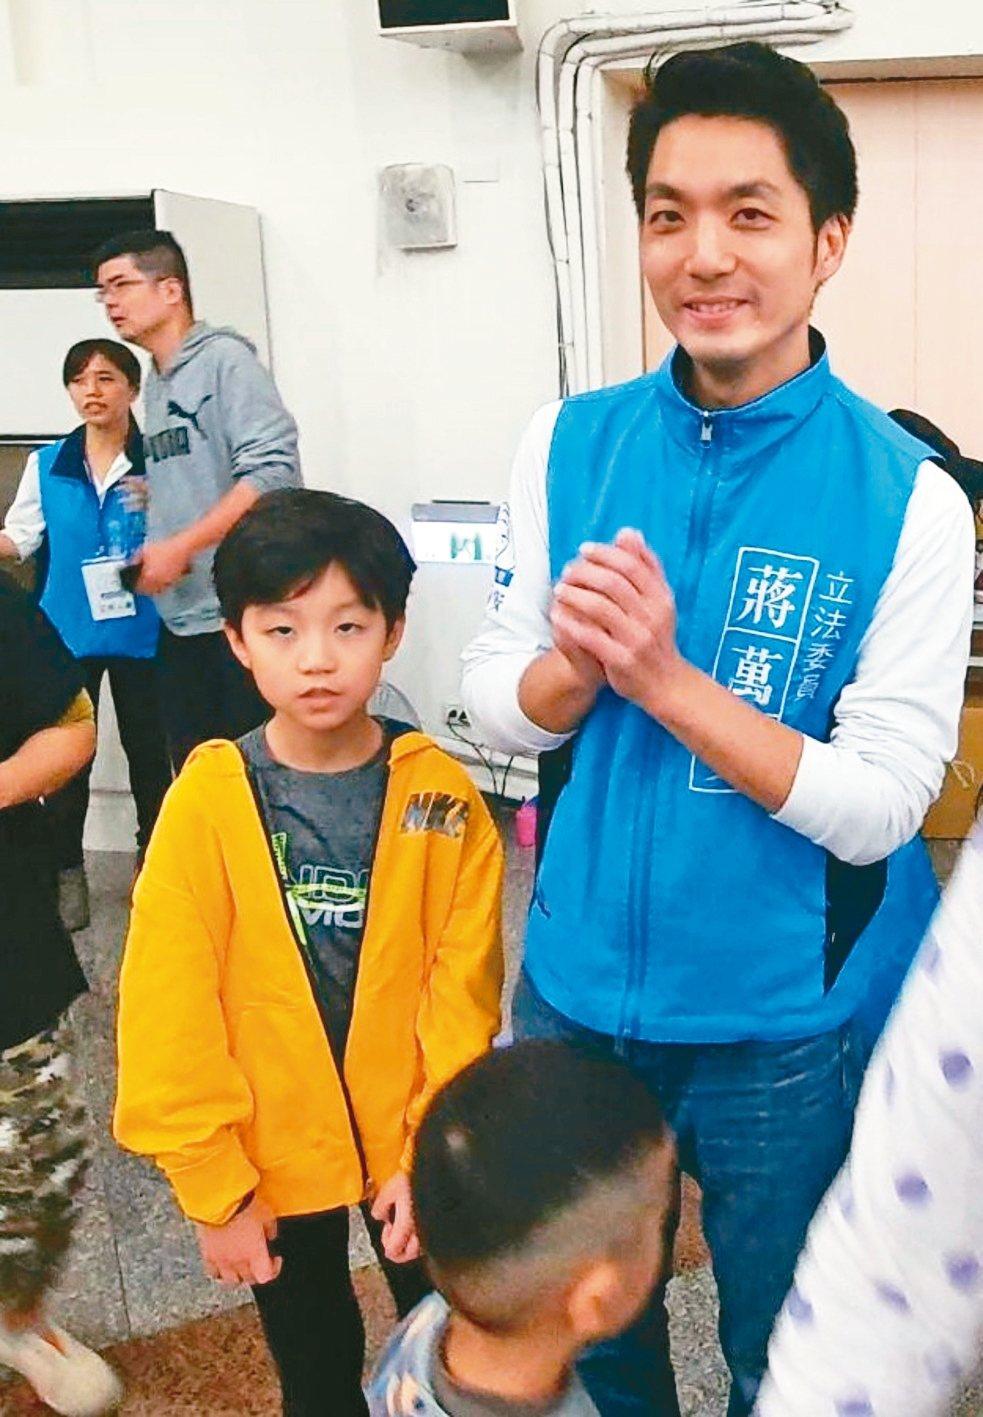 蔣萬安(右)昨晚舉辦「萬安故事屋」,帶兒子「元元」一同出席。 記者楊正海/攝影